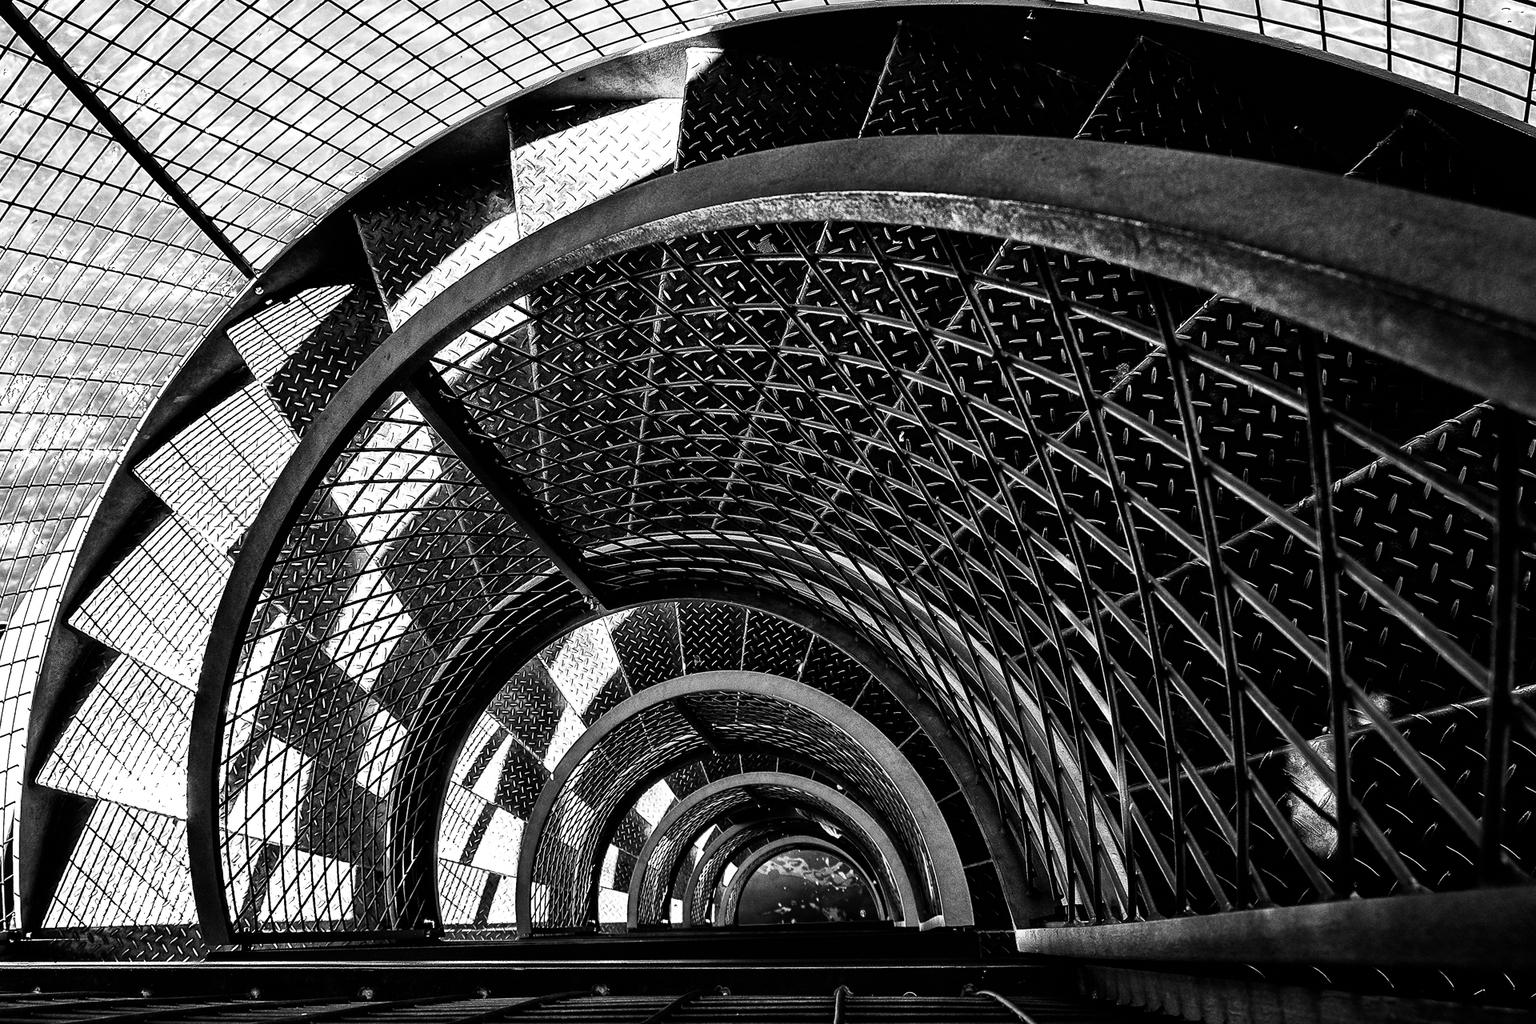 Wenteltrap - Wenteltrap die mij opviel door met name het licht dat met de trap speelde. - foto door josdidden op 05-05-2021 - locatie: Friedrichshafen, Duitsland - deze foto bevat: zwart-wit, zwartwit, trap, schaduw, wenteltrap, grafisch, wit, zwart, architectuur, zwart en wit, autoband, stijl, lijn, automotive wielensysteem, tinten en schakeringen, cirkel